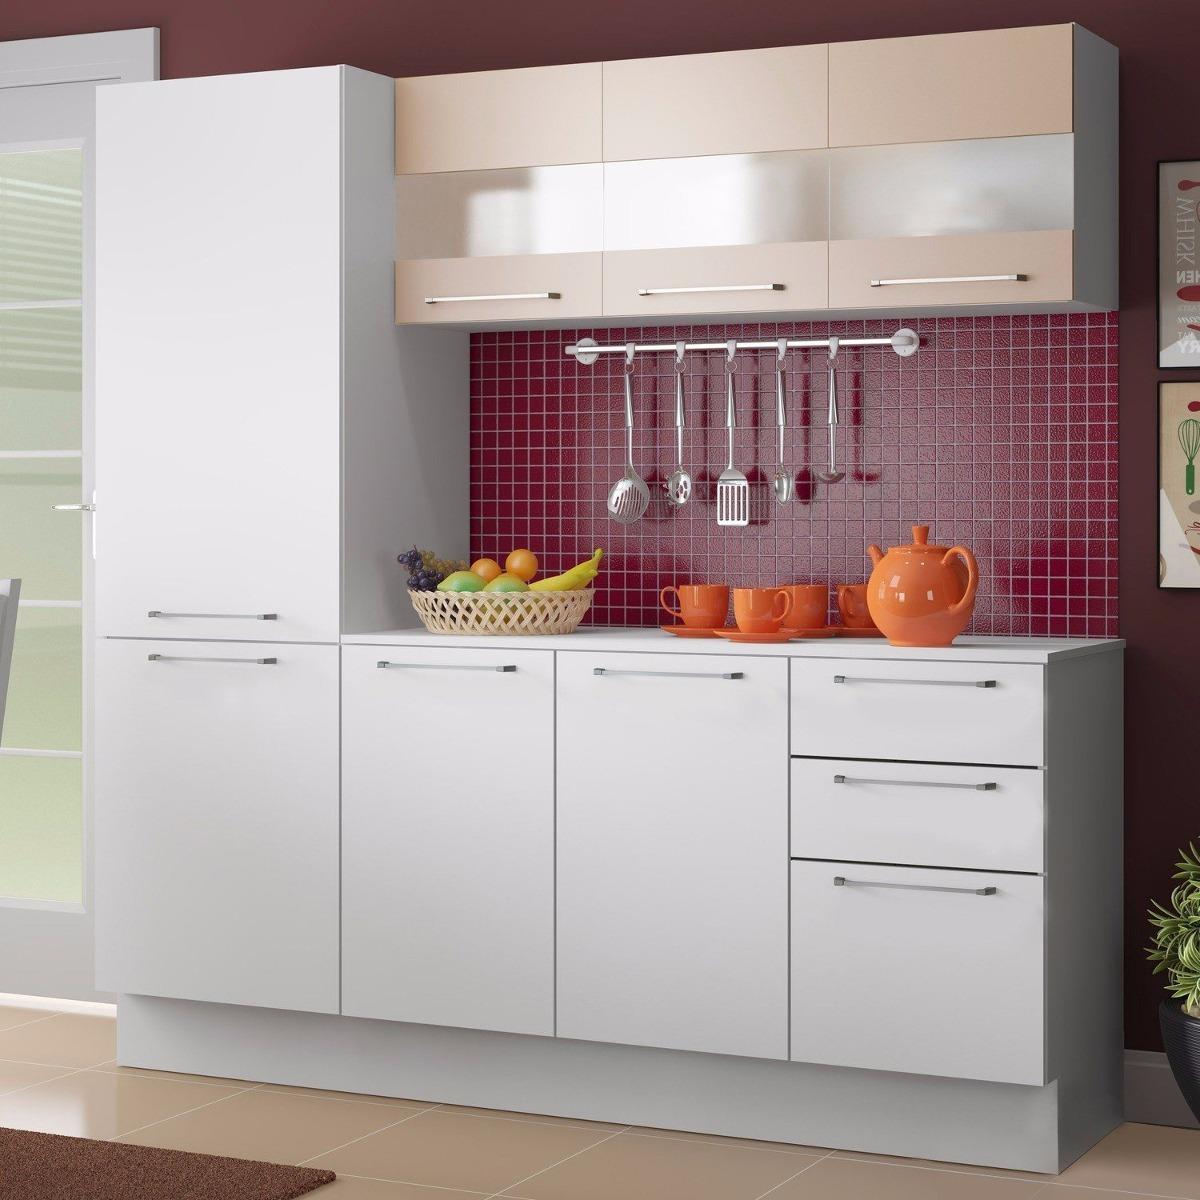 Cozinha Completa Lara Madesa Branco Crema Dj R 649 90 Em Mercado